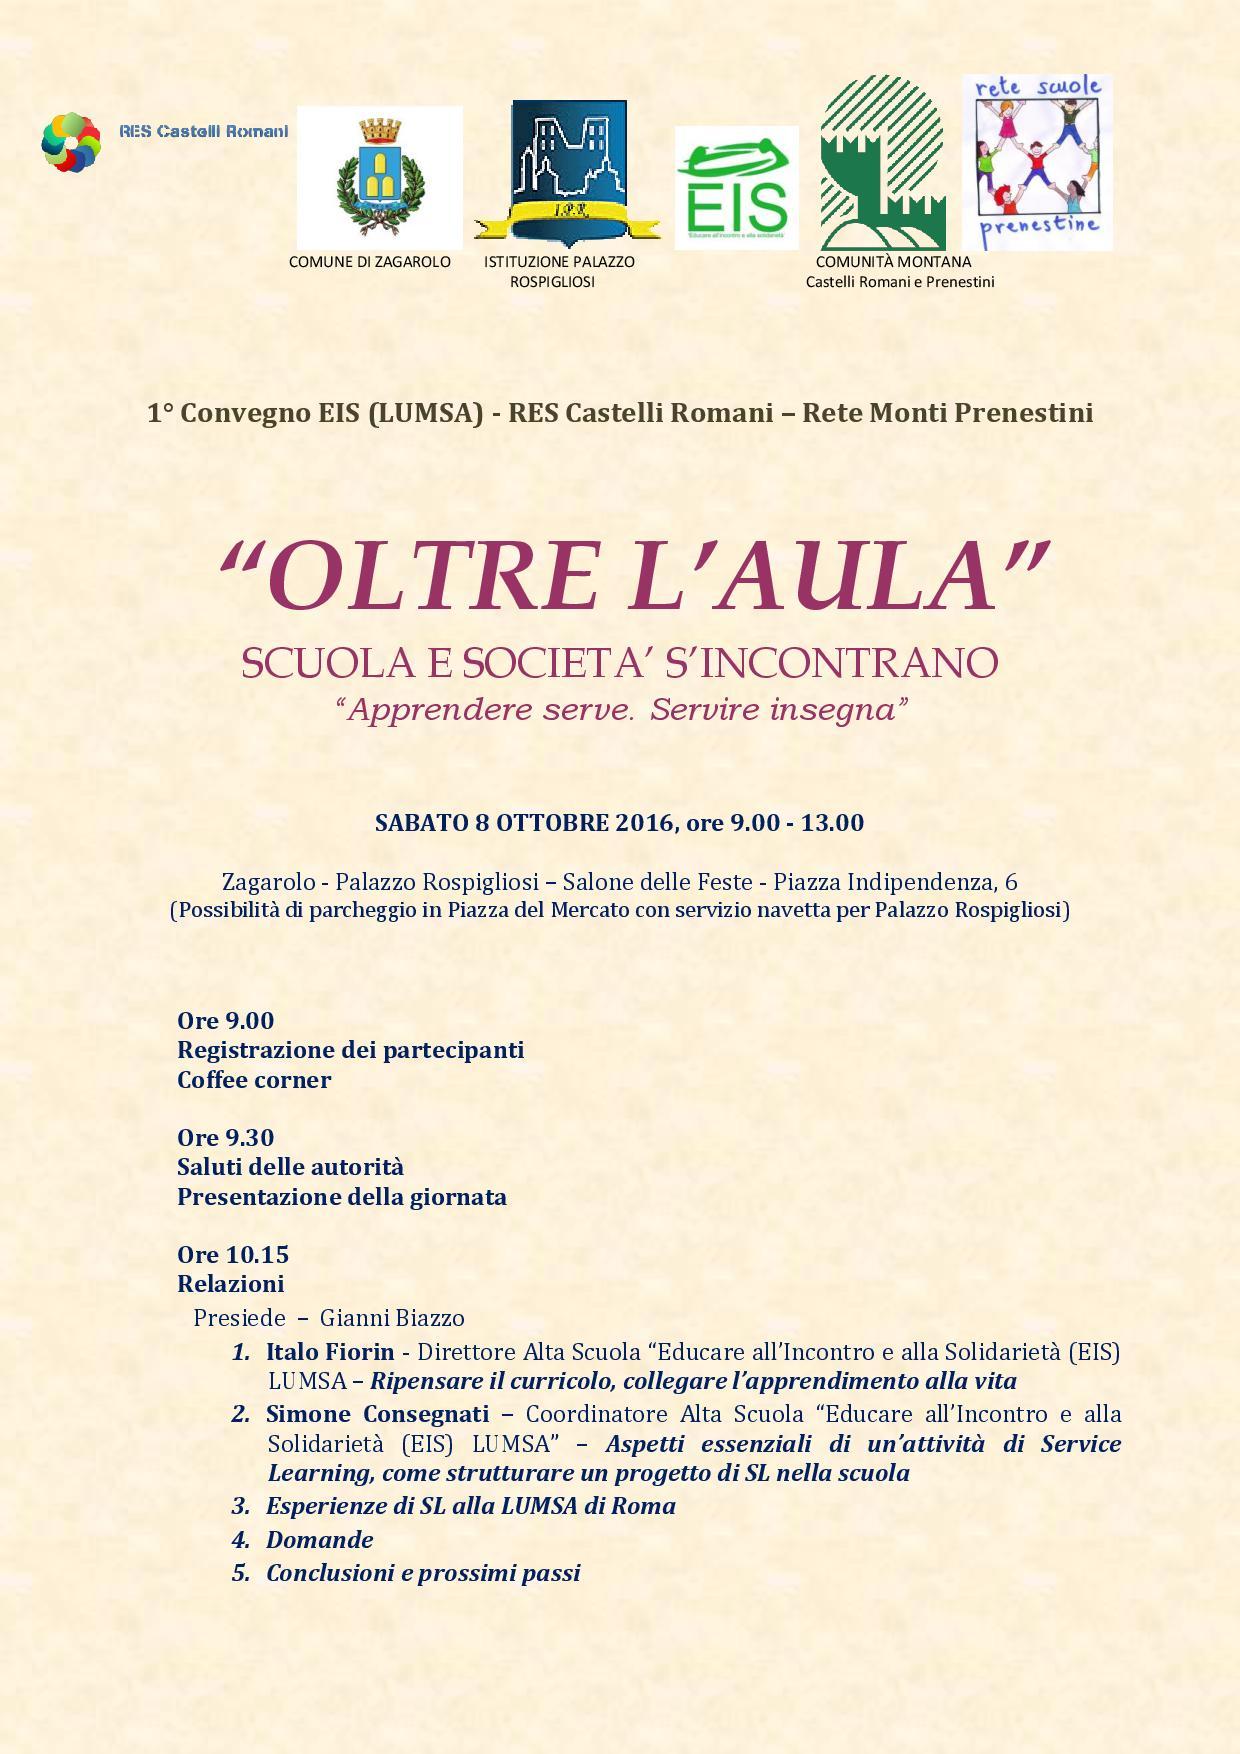 OLTRE L'AULA - SCUOLA E SOCIETA' S'INCONTRANO IN UN CONVEGNO A ZAGAROLO